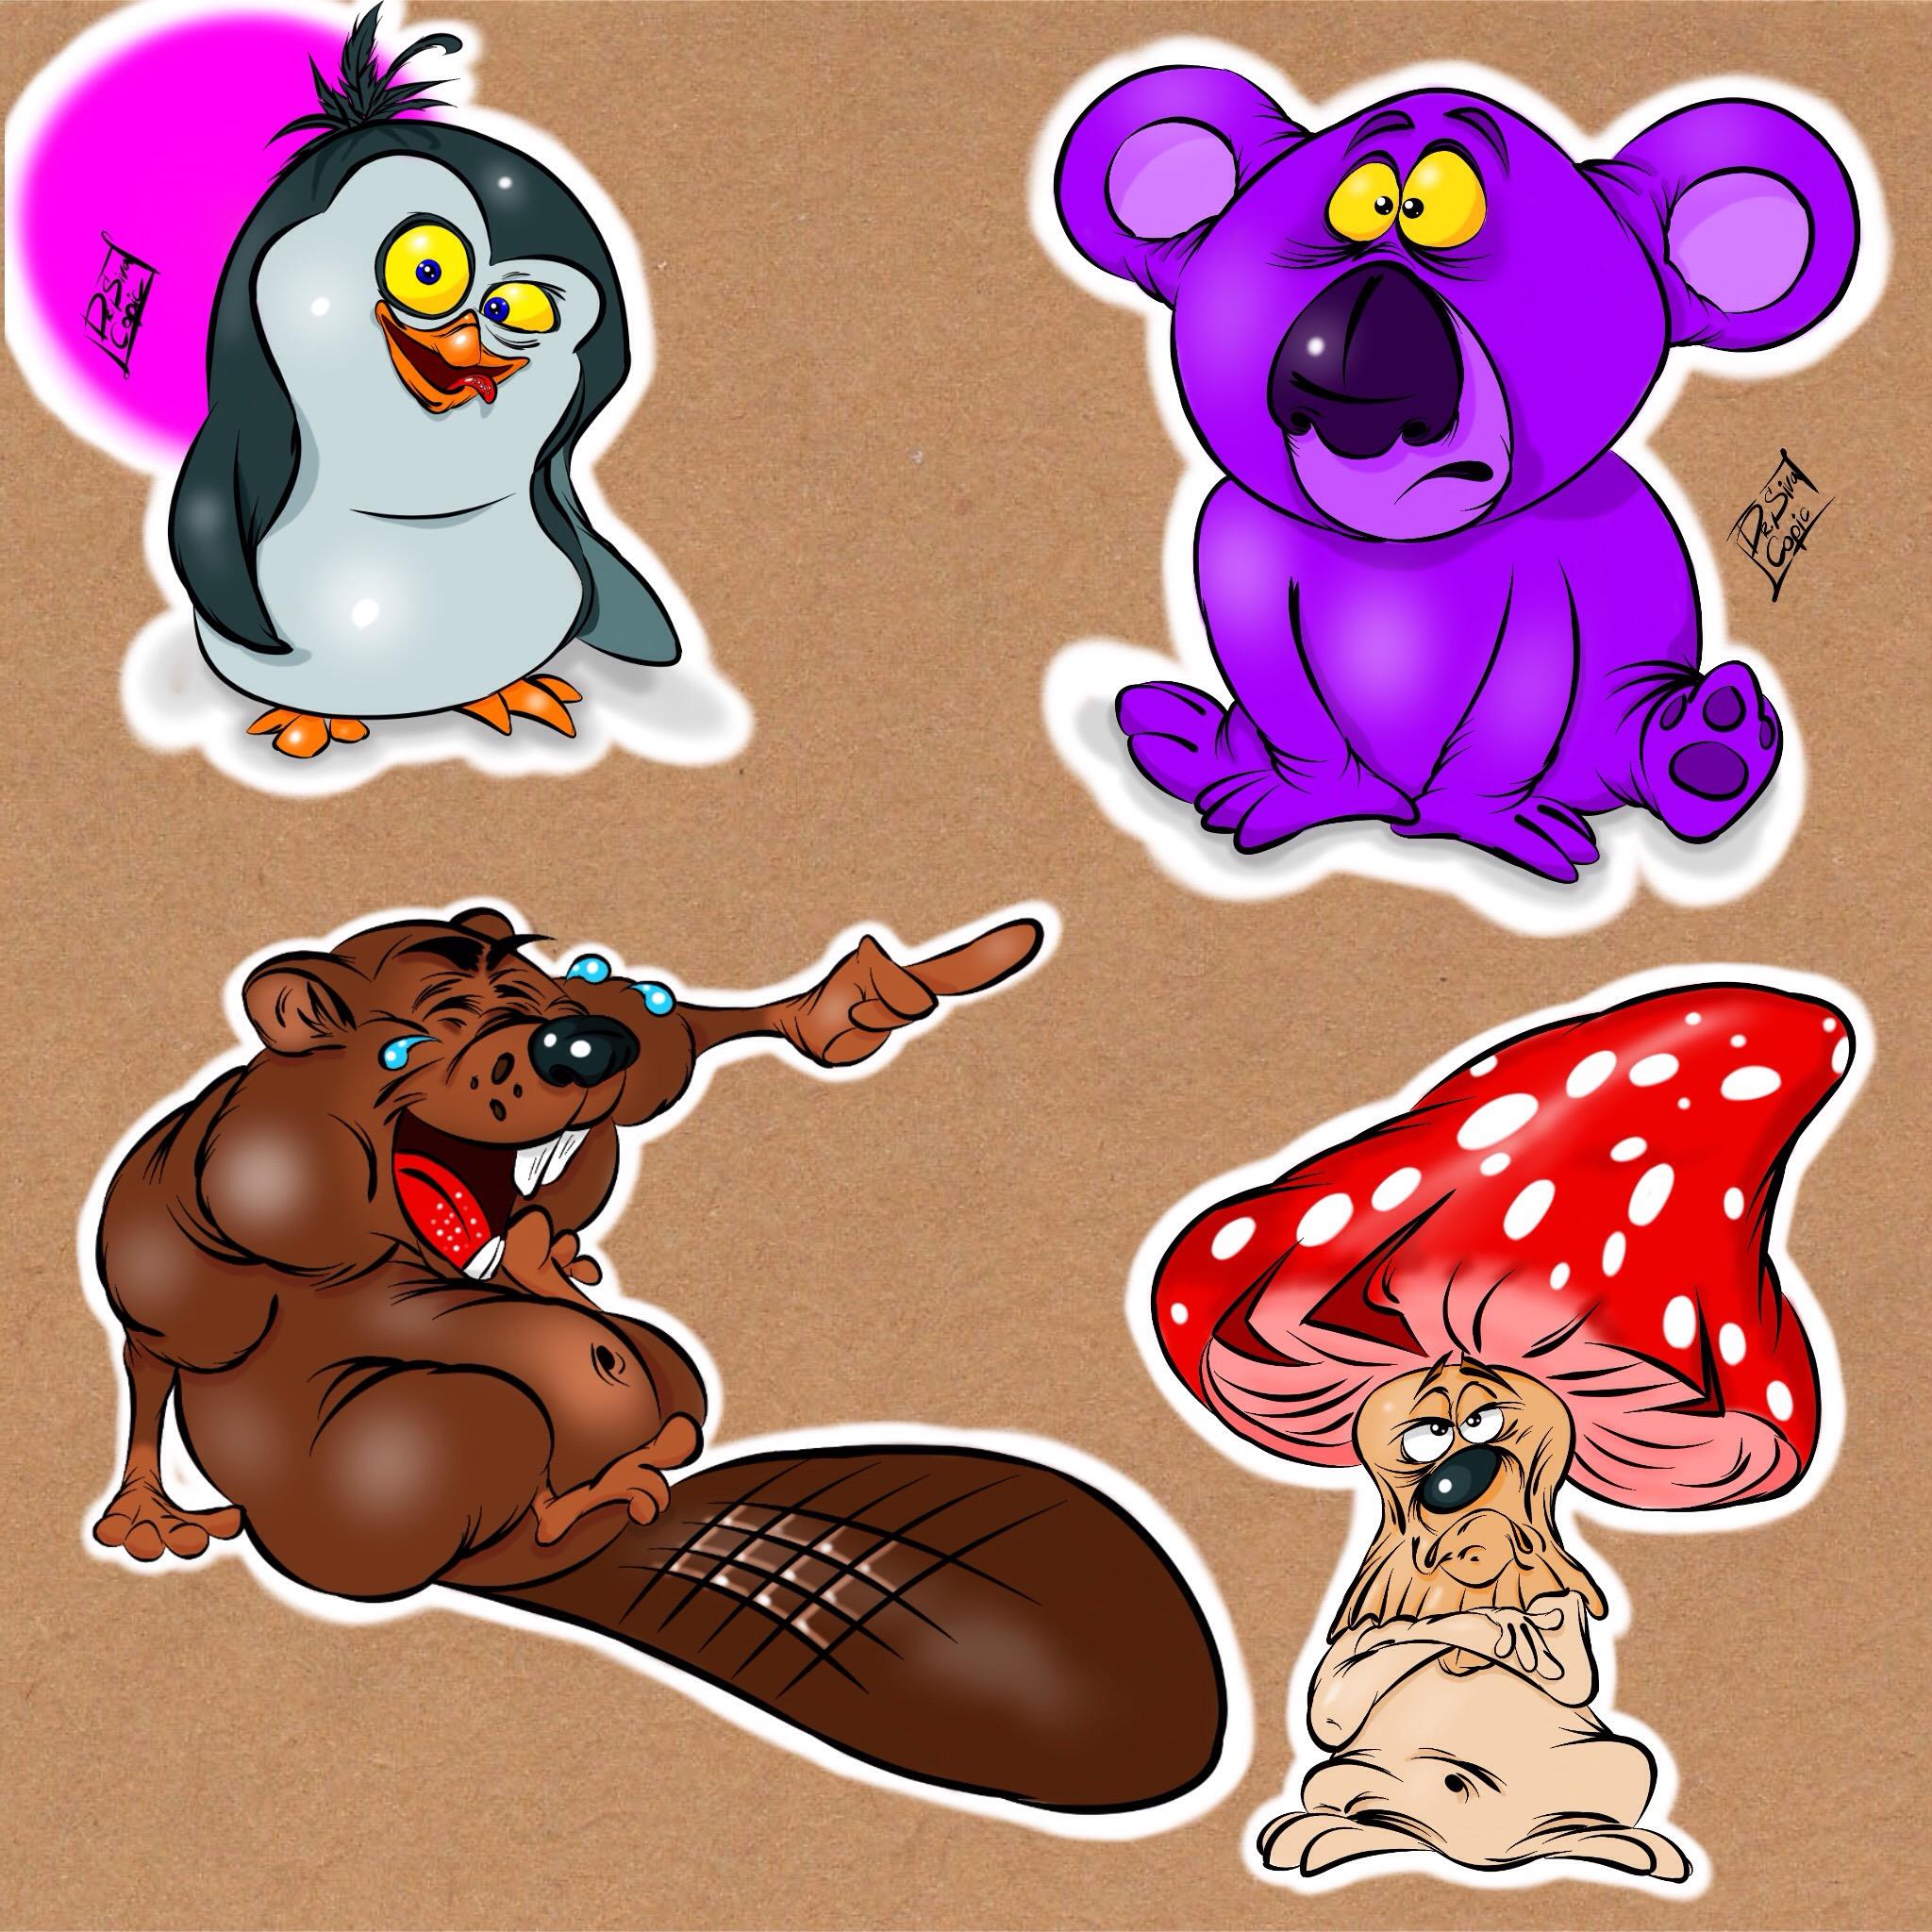 Создать концепции уникальных персонажей фото f_93459cd5a7711b90.jpg